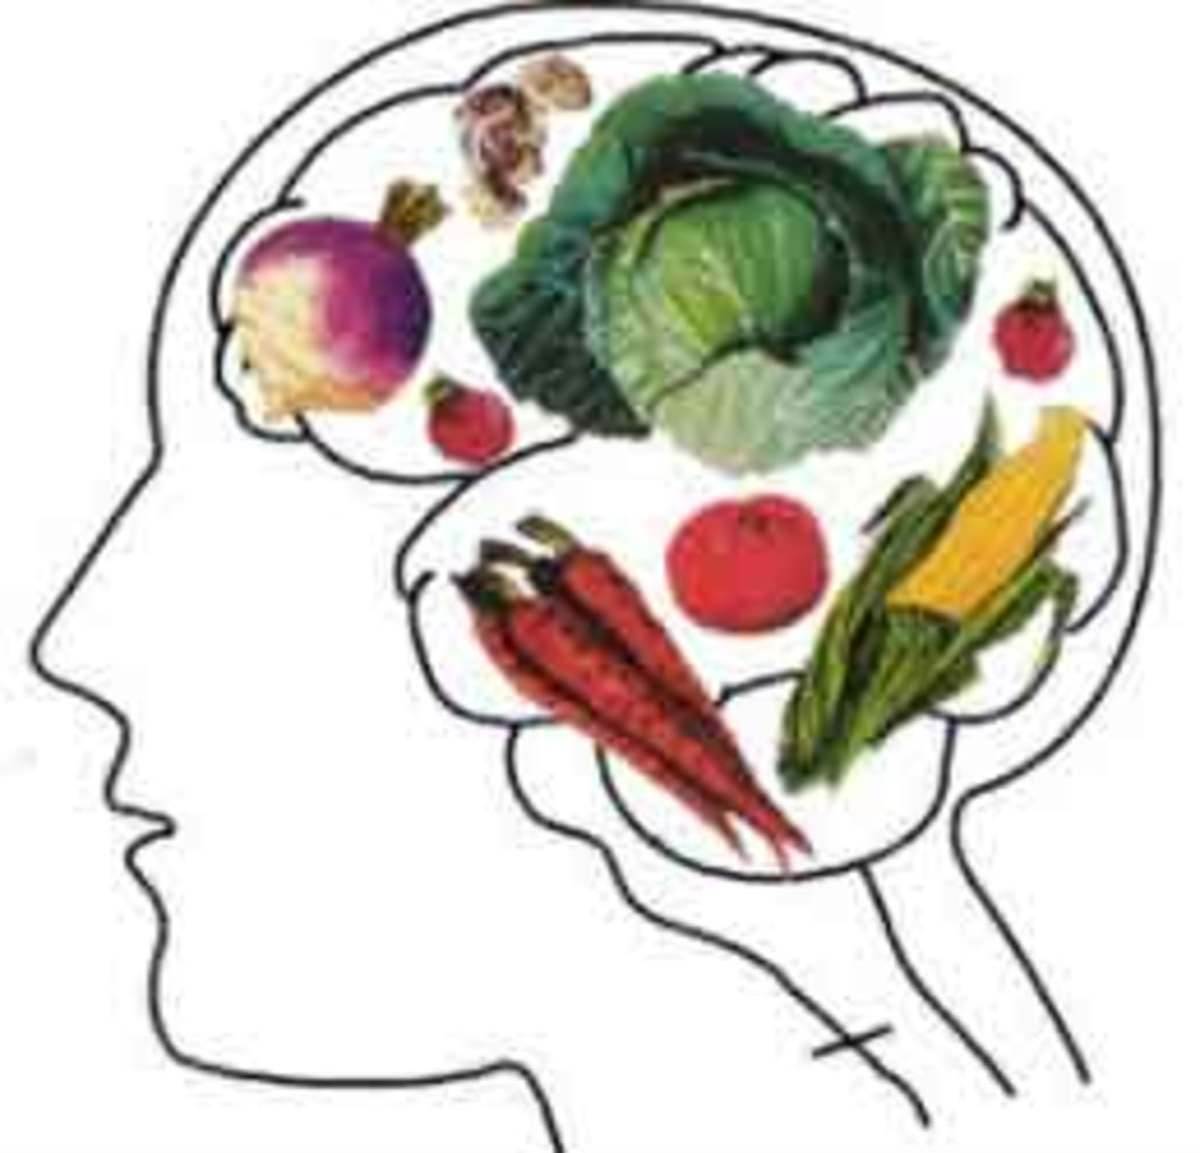 چند ماده غذایی برای جلوگیری از آلزایمر